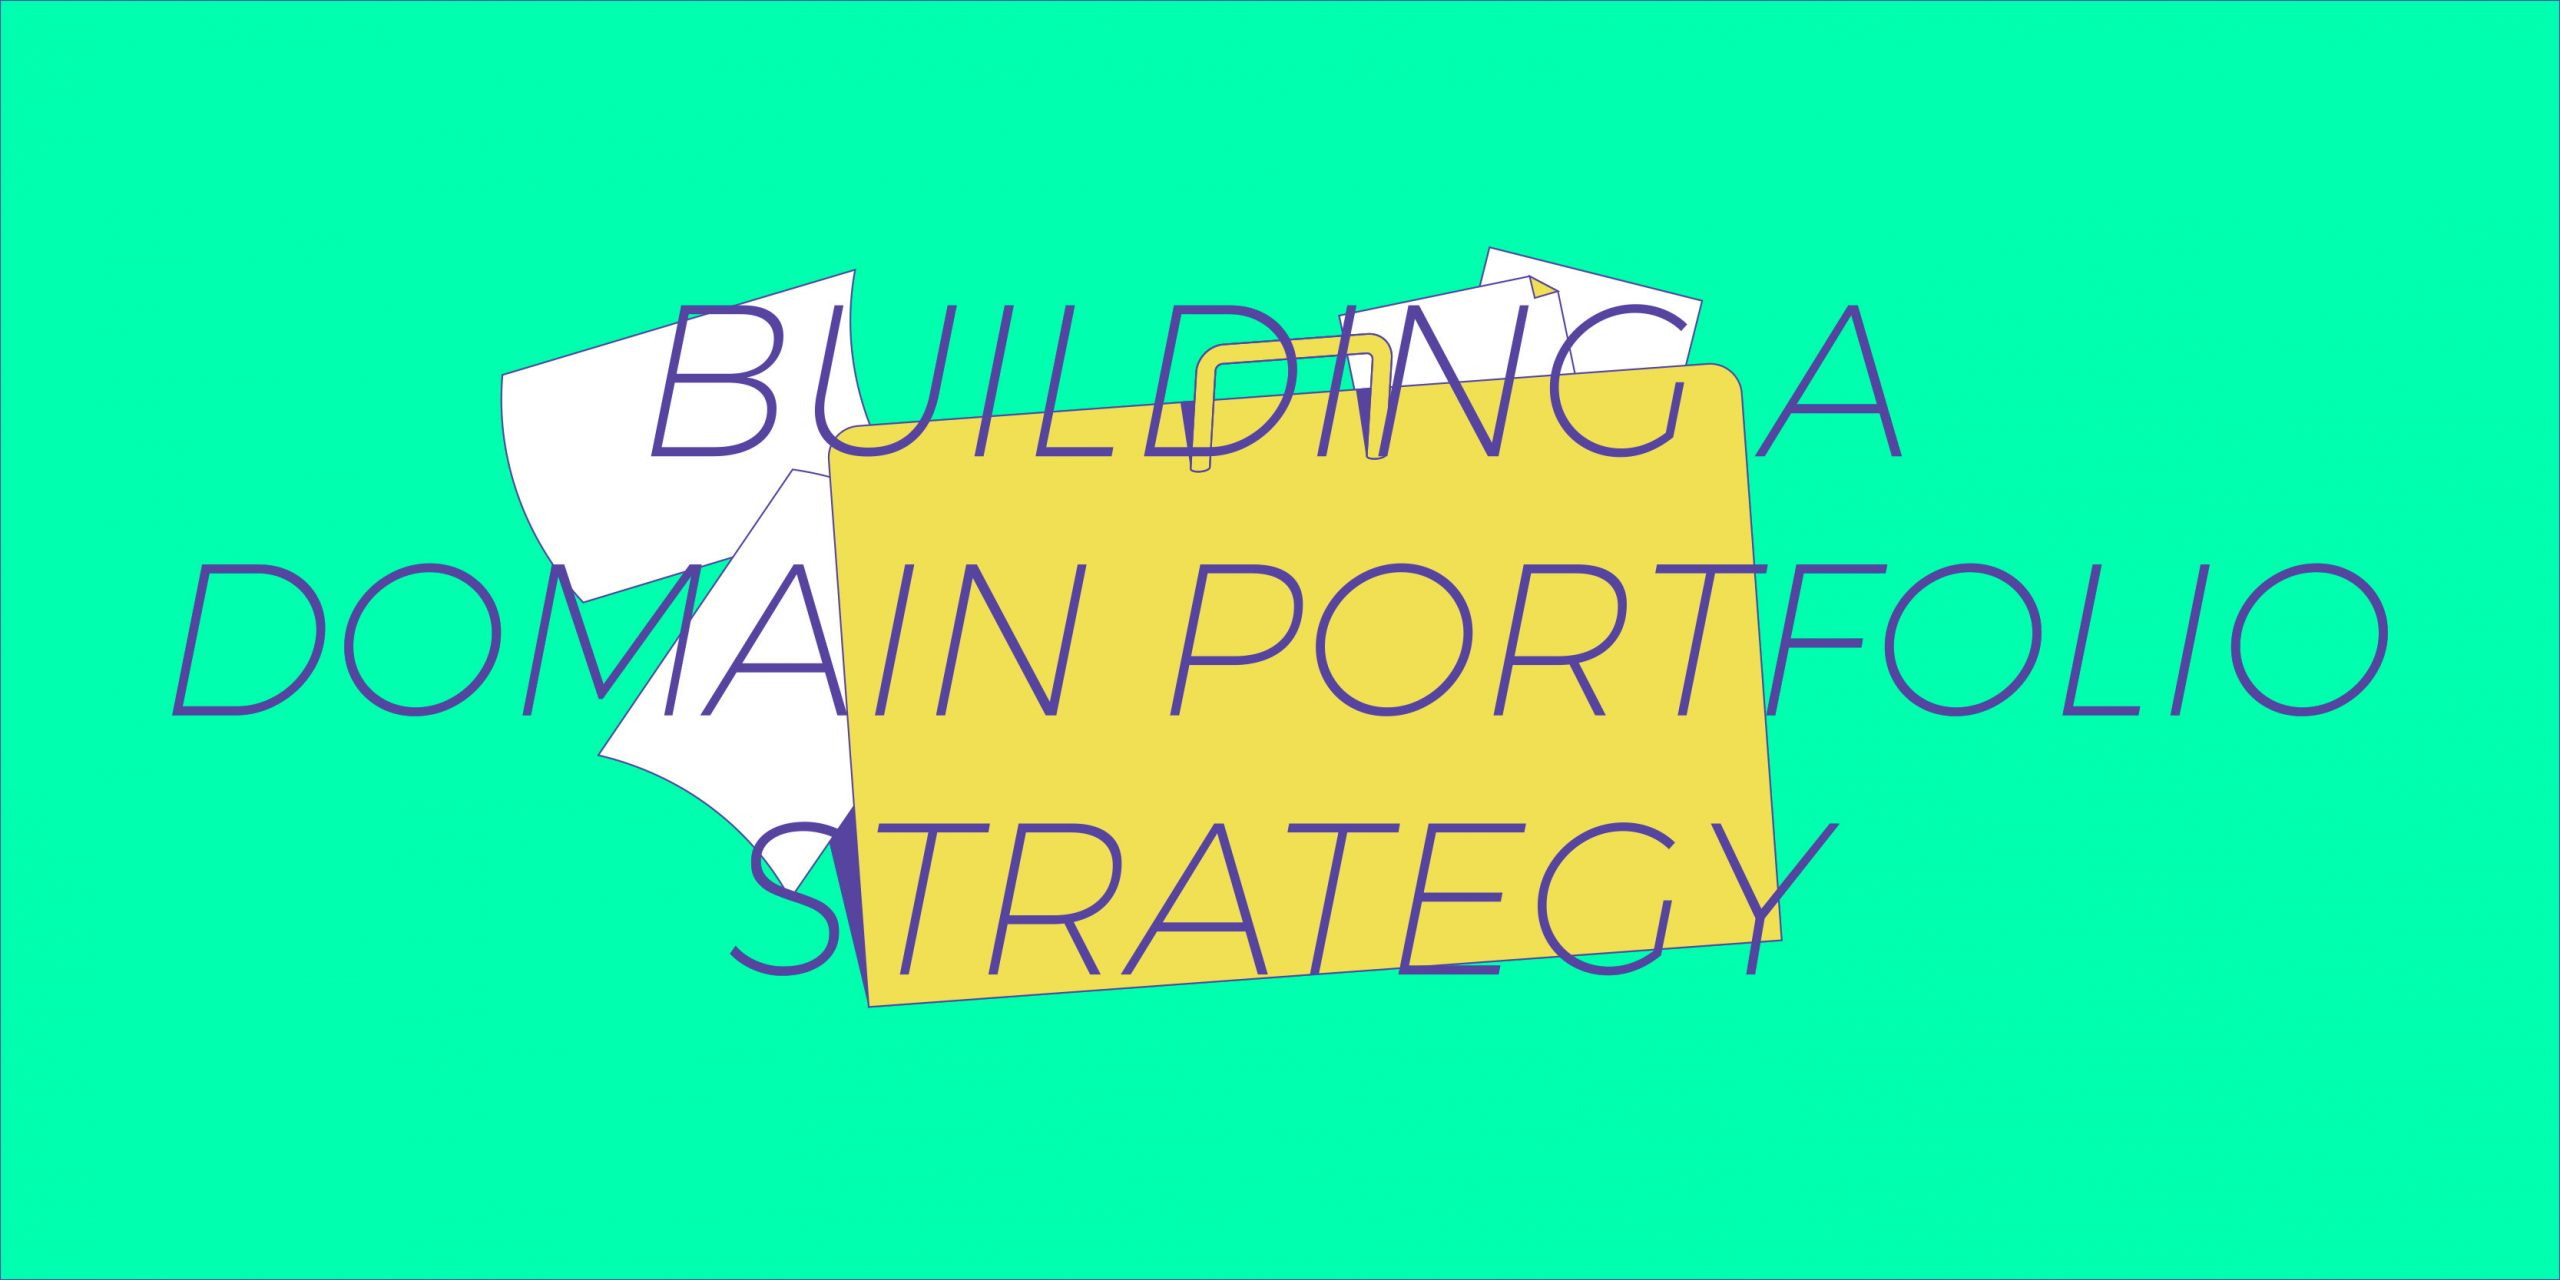 ドメインポートフォリオ戦略を構築する方法